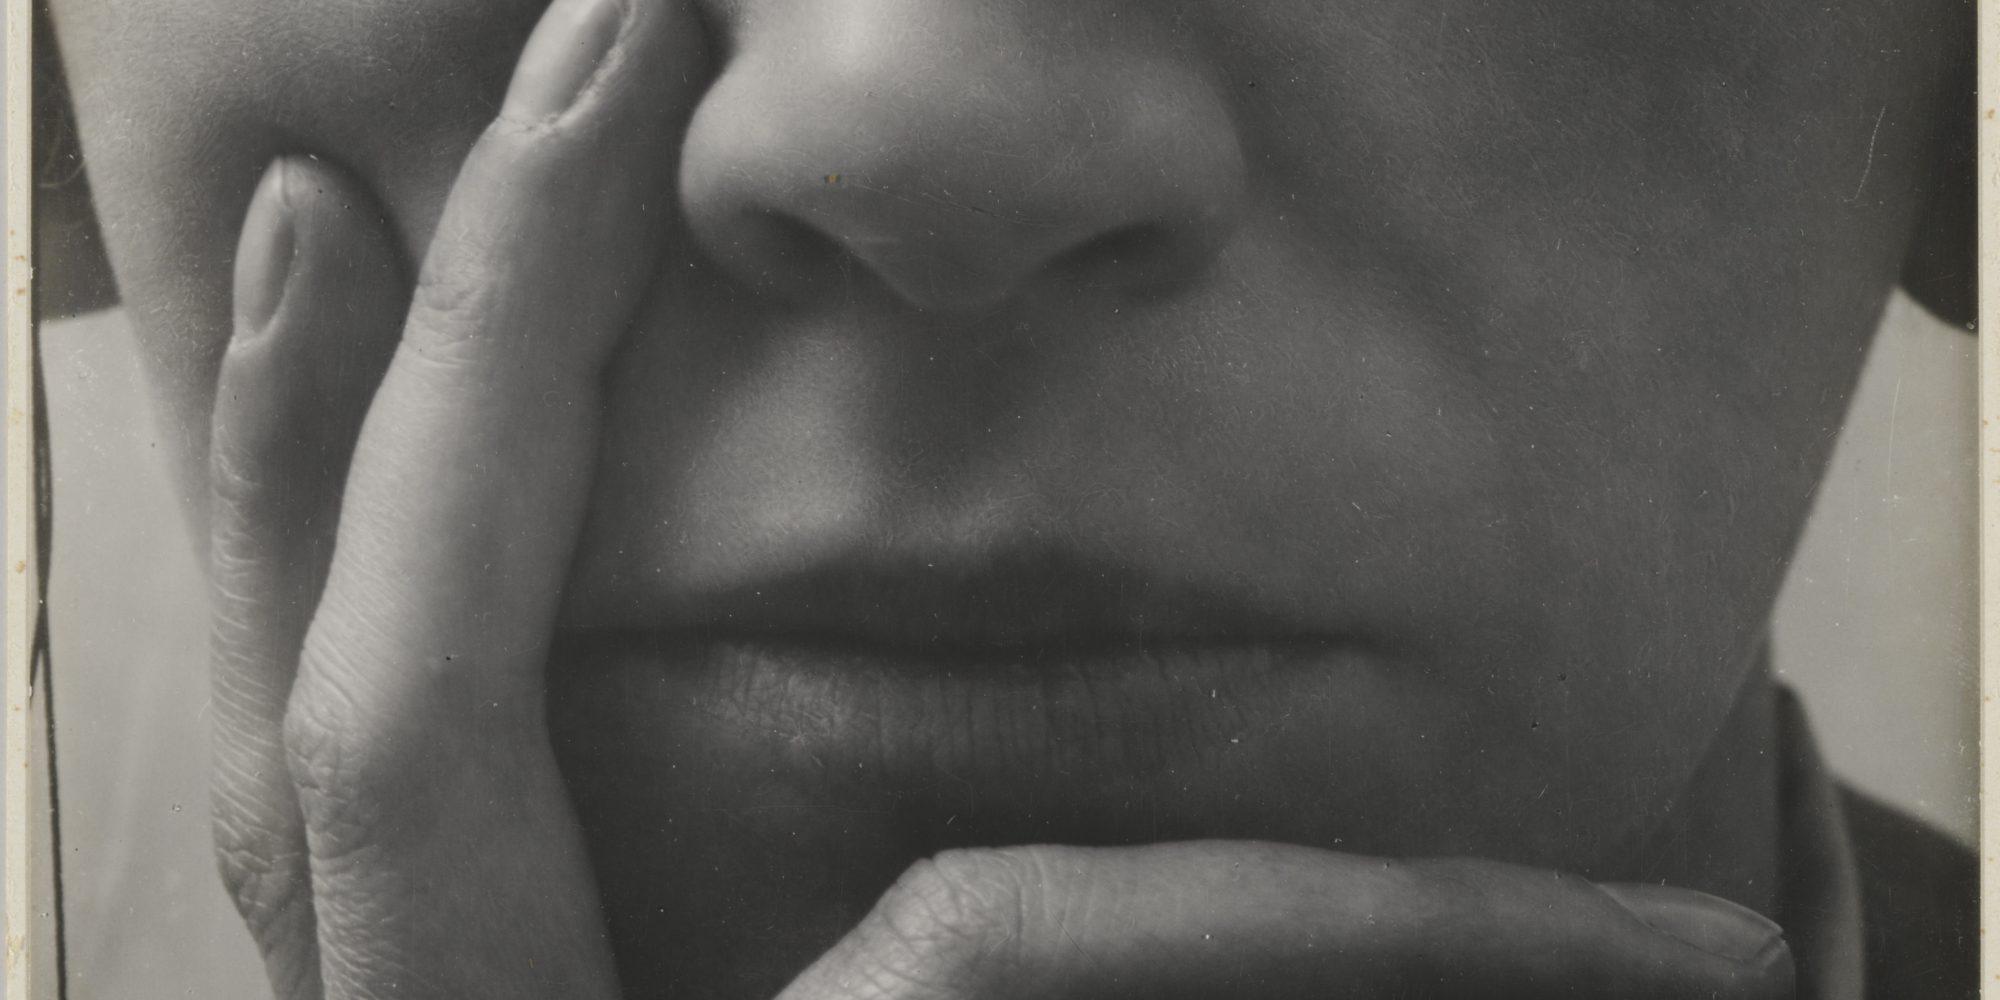 Aenne Biermann, Dame mit Monokel, 1928/29, Silbergelatine-Abzug, 17 x 12,6 cm, Foto: Sibylle Forster, Stiftung Ann und Jürgen Wilde, Pinakothek der Moderne, München